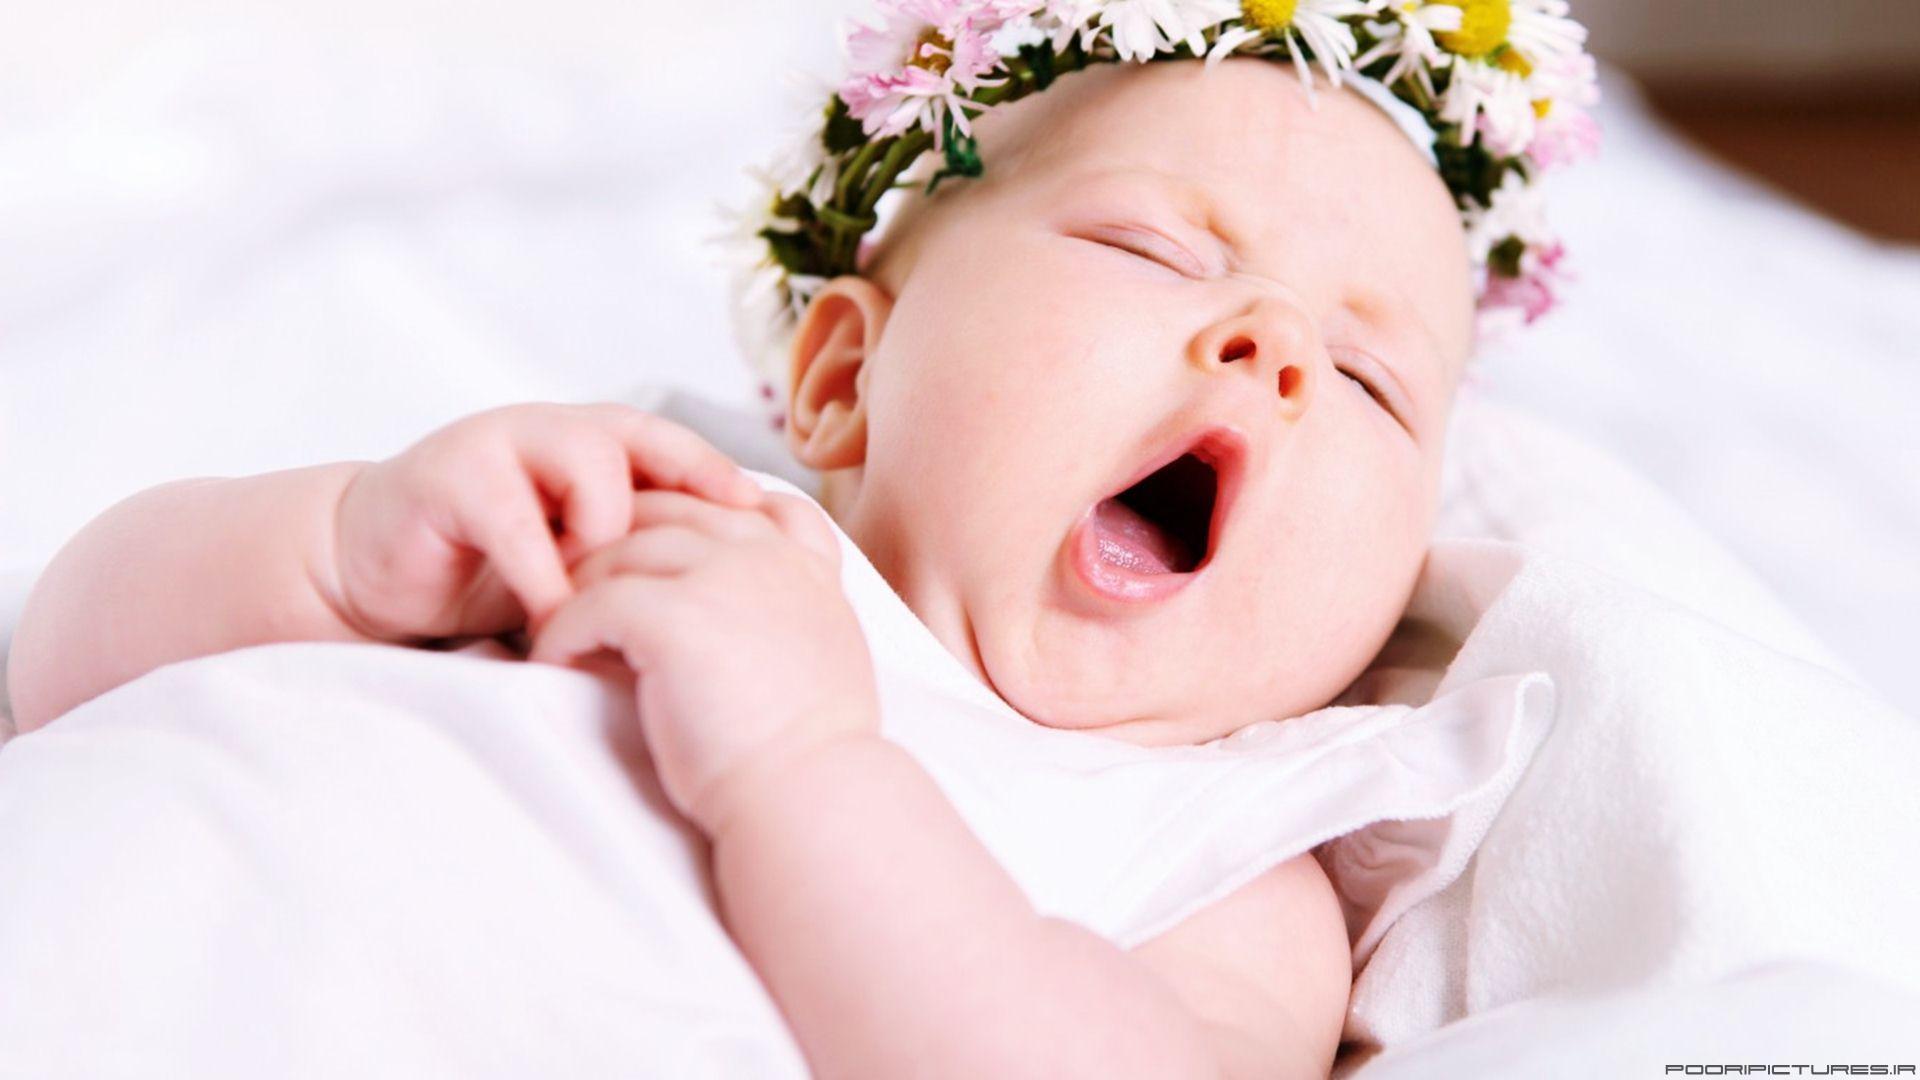 حقایق جالب درباره آه کشیدن نوزاد در خواب